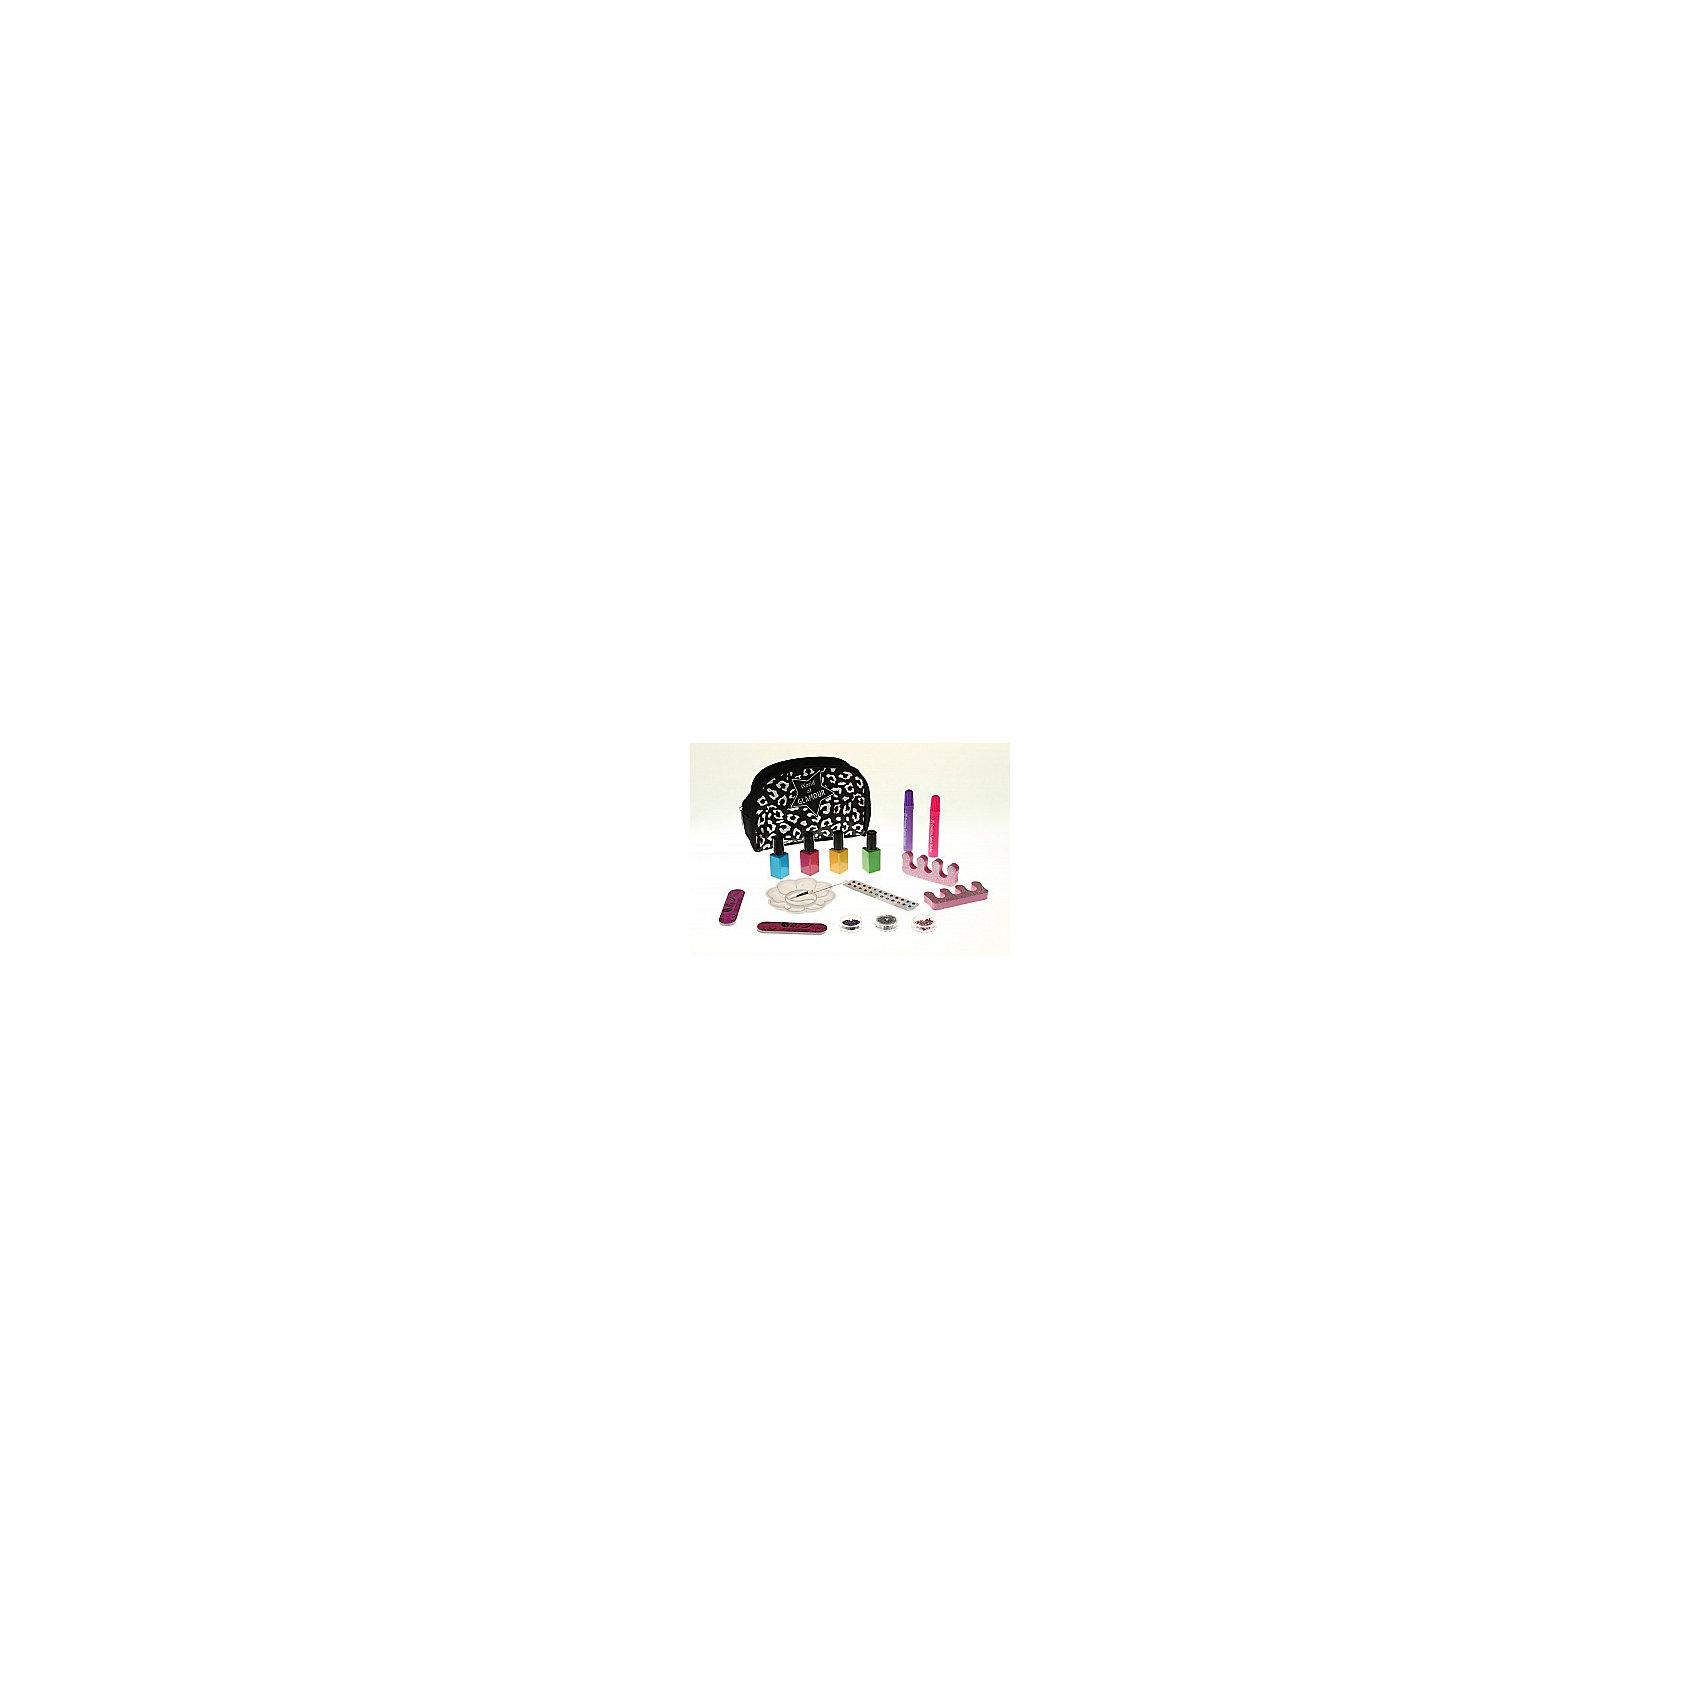 Сверкающий маникюр, CreativeНаборы детской косметики<br>Набор для творчества Сверкающий маникюр, Creative, познакомит девочку с модной профессией стилиста и поможет создать свой собственный дизайн ногтей. В комплекте Вы найдете все необходимые принадлежности, чтобы красиво накрасить ногти и придумать свой неповторимый стиль маникюра: флакончики с разноцветным лаком, бисер, блестки и другие полезные инструменты. Выберите нужные цвета лаков, нанесите задуманный узор на ногти и в завершении украсьте на выбор стразами, жемчужным бисером или блестками. Лаки для ногтей имеют щадящую формулу и не оказывают разрушительного воздействия на ногтевую пластину. Удобные приспособления, такие как разделитель для пальцев и блюдце с отделениями сделают процесс проще и аккуратнее. В комплект также входит модная косметичка - раскрасьте ее маркерами и повсюду носите с собой. Набор развивает творческие способности, фантазию и художественный вкус.<br><br>Дополнительная информация:<br><br>- В комплекте: косметичка, лак (4 цвета), пилочка для ногтей, стразы, бисер, блестки, блюдце с отделениями, кисточка, разделитель для пальцев, маркеры для ткани, инструкция.<br>- Материал: пластик, текстиль.<br>- Размер упаковки: 25 х 6 х 26 см.<br>- Вес: 0,438 кг<br><br>Сверкающий маникюр, Creative, можно купить в нашем интернет-магазине.<br><br>Ширина мм: 255<br>Глубина мм: 250<br>Высота мм: 60<br>Вес г: 438<br>Возраст от месяцев: 84<br>Возраст до месяцев: 180<br>Пол: Женский<br>Возраст: Детский<br>SKU: 4415311